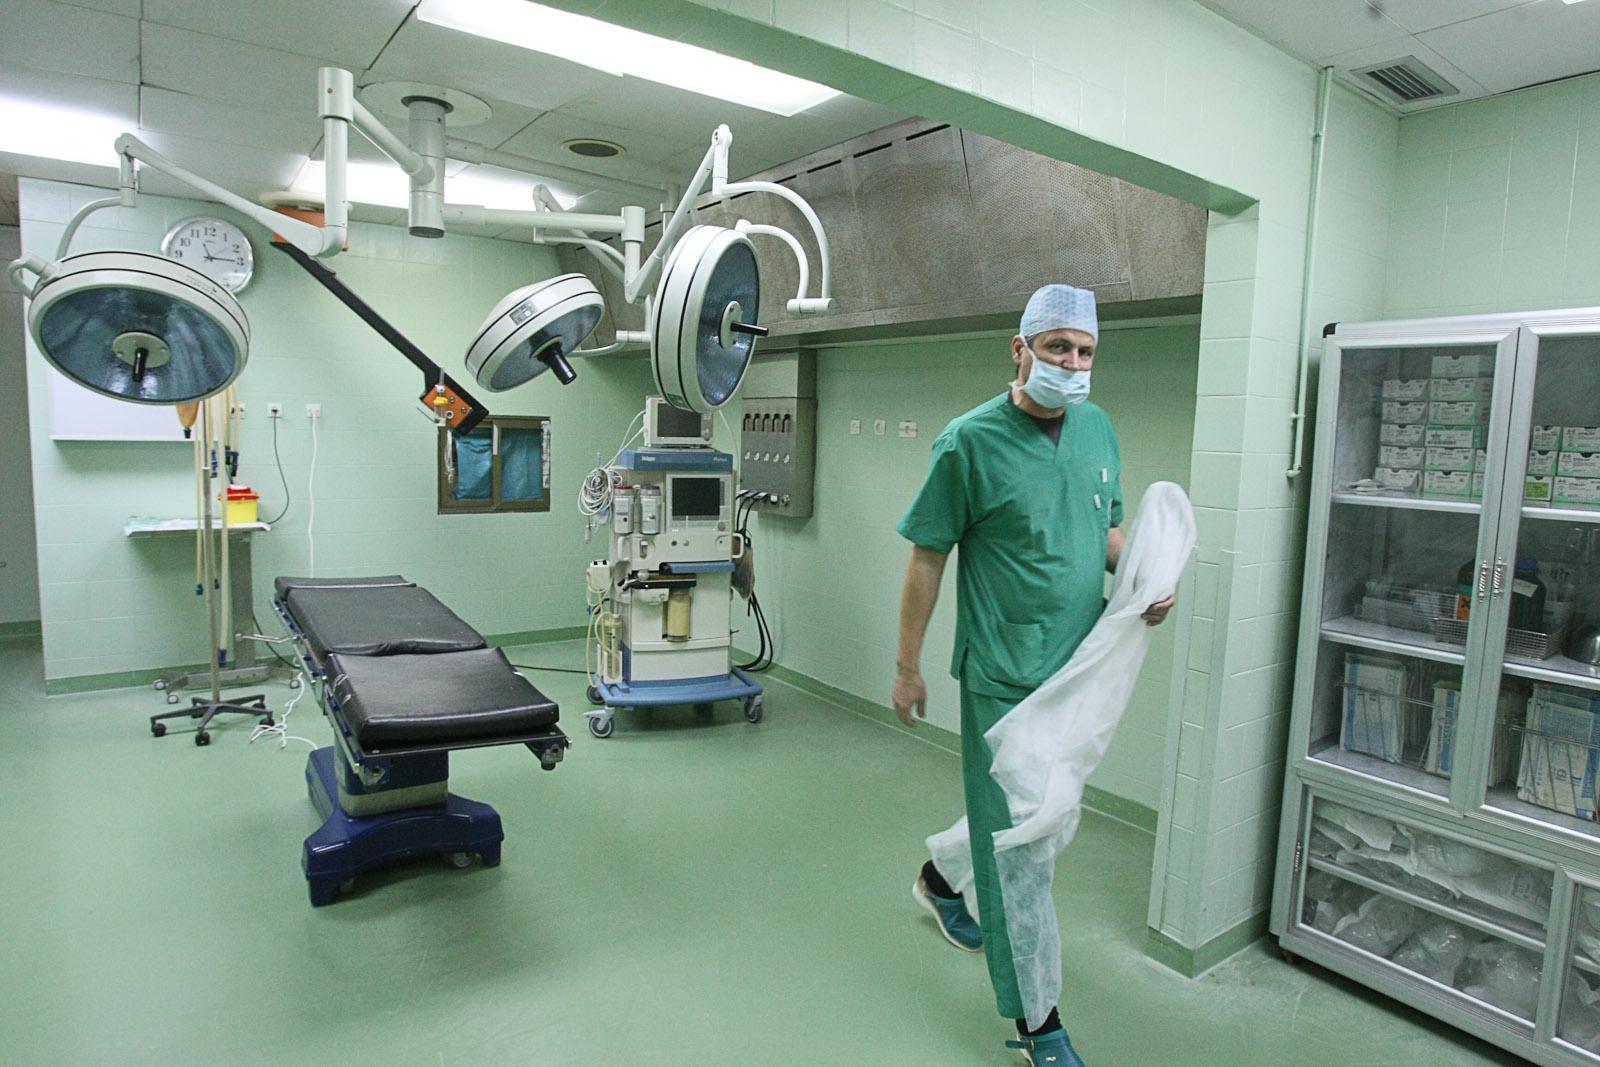 Больше ответственности за лечение: в Украине введут лицензии для врачей, фото-2